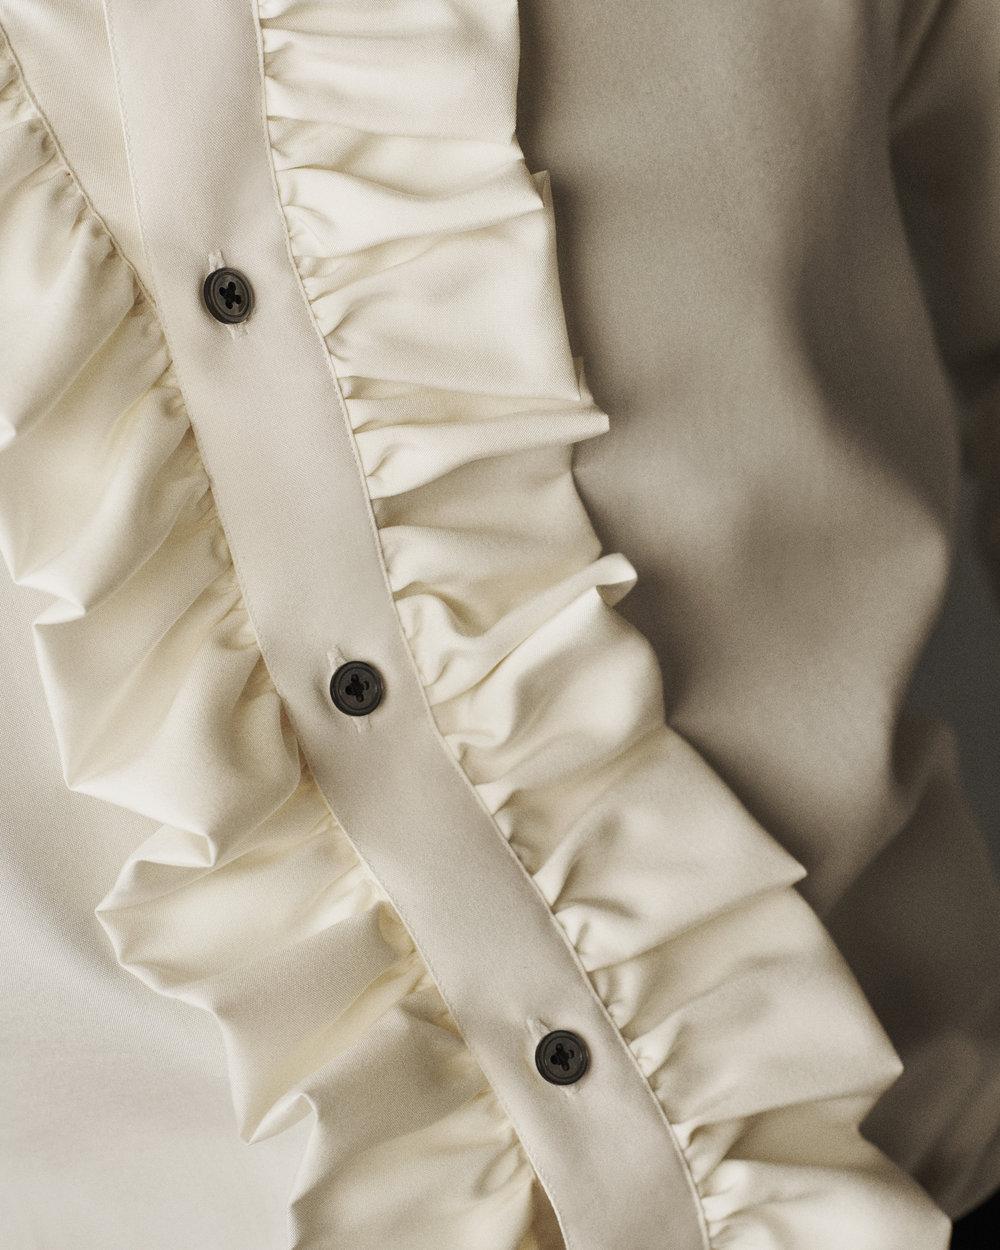 NEW Turnbull & Asser Evening Shirt Collection (7).jpg